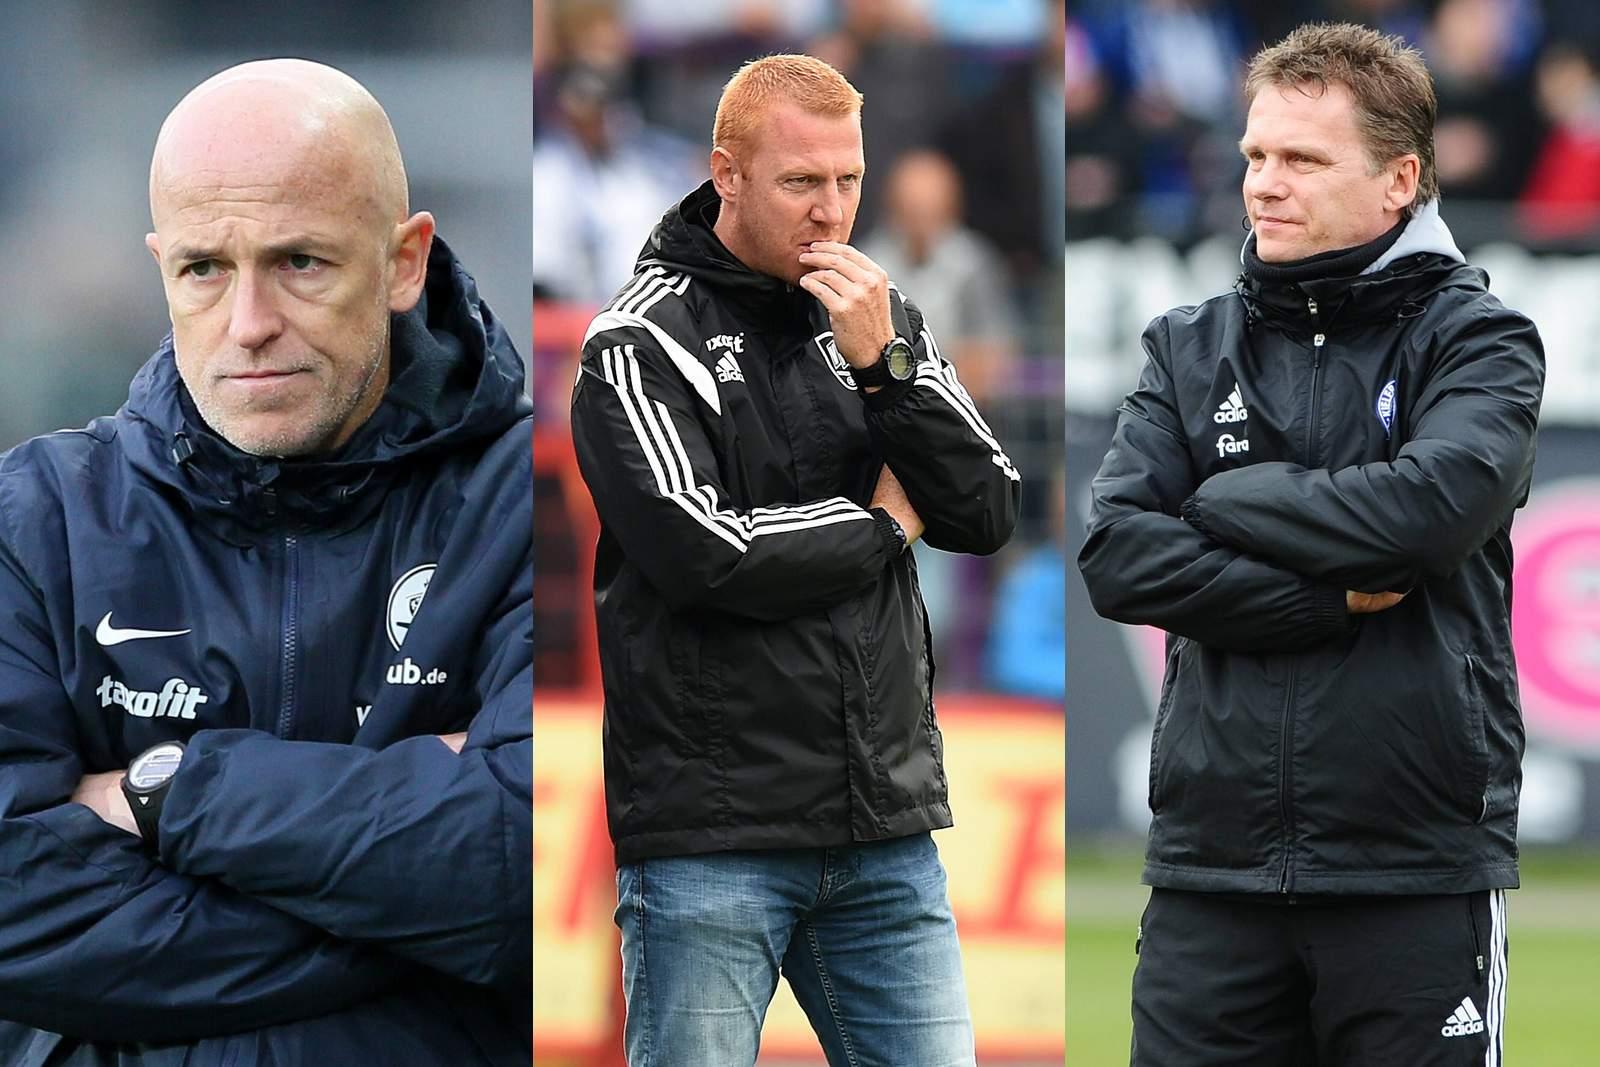 Karsten Baumann, Maik Walpurgis oder Karsten Neitzel: Wer wird neuer Trainer bei Preußen Münster?